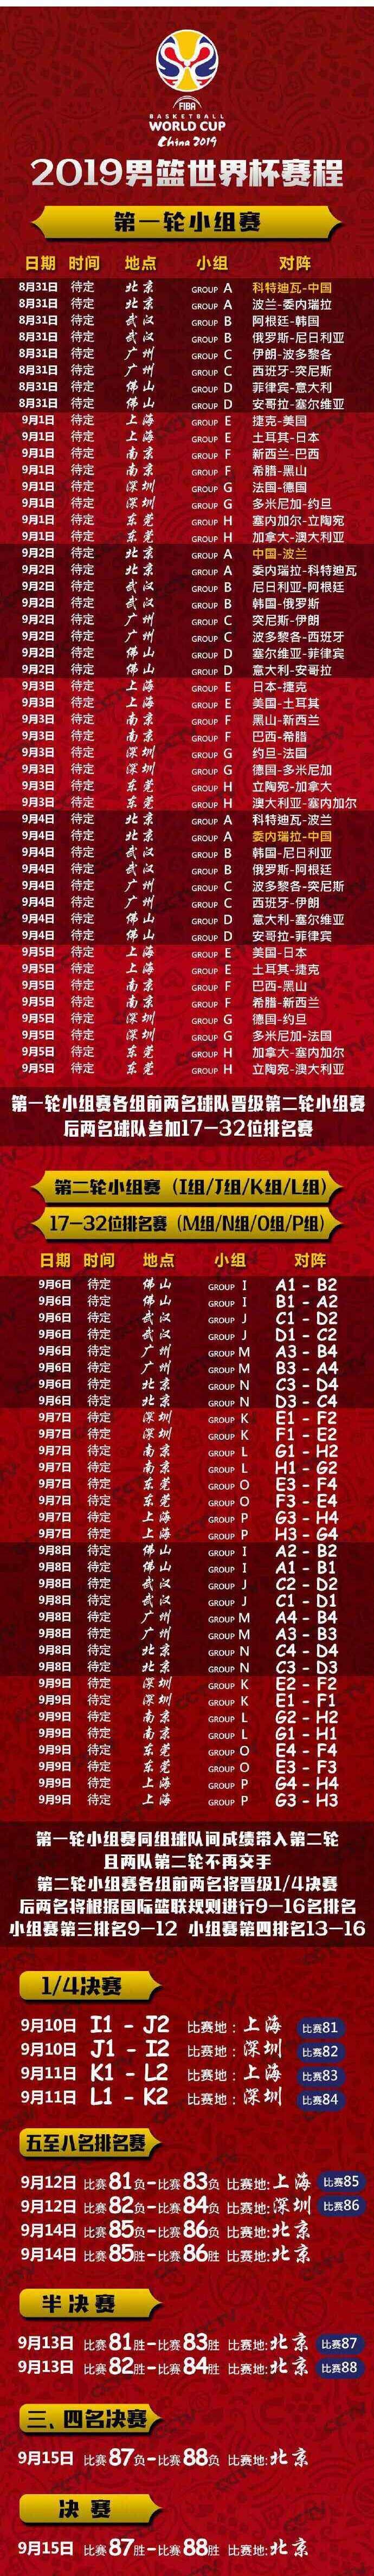 2019男篮世界杯完整赛程公布 中国男篮赛程时间表一览